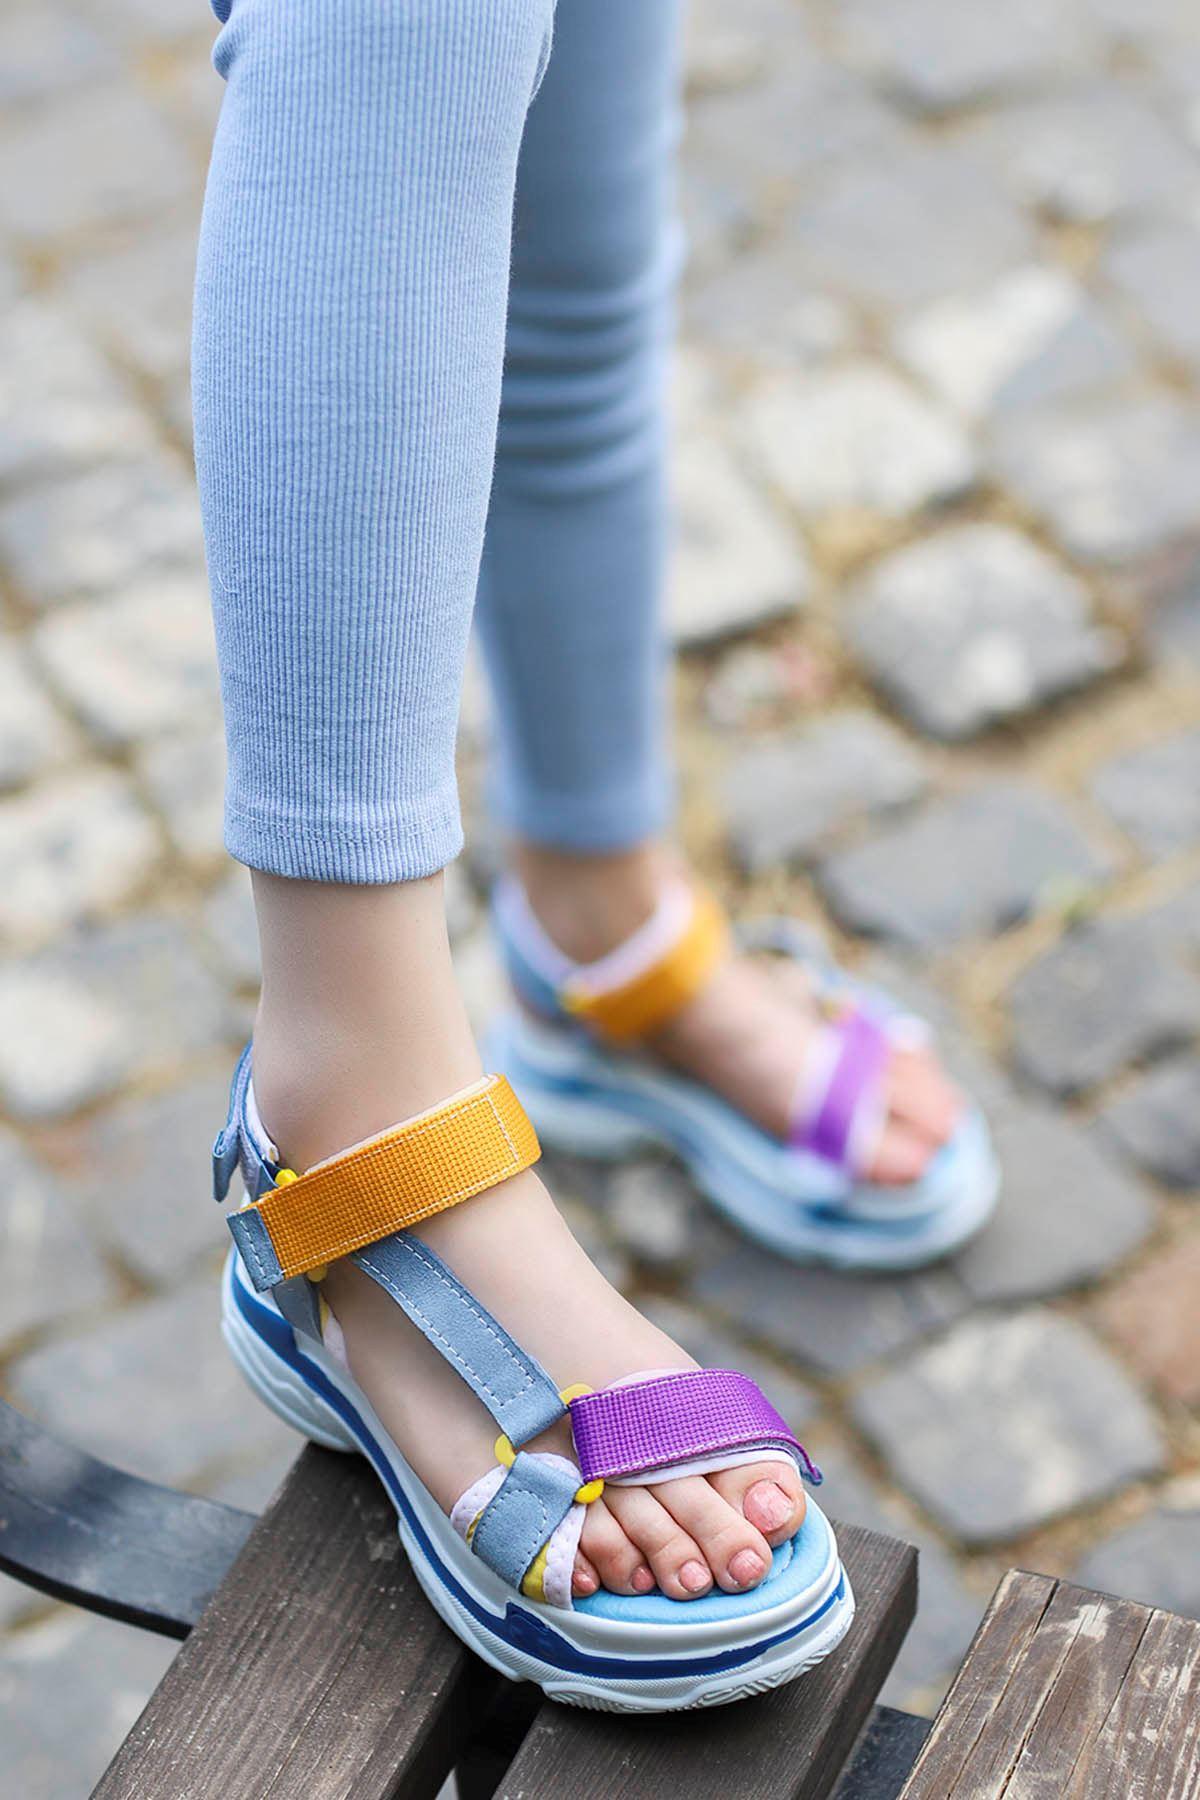 Rafael Dolgu Taban Sandalet Mavi Mor Sarı